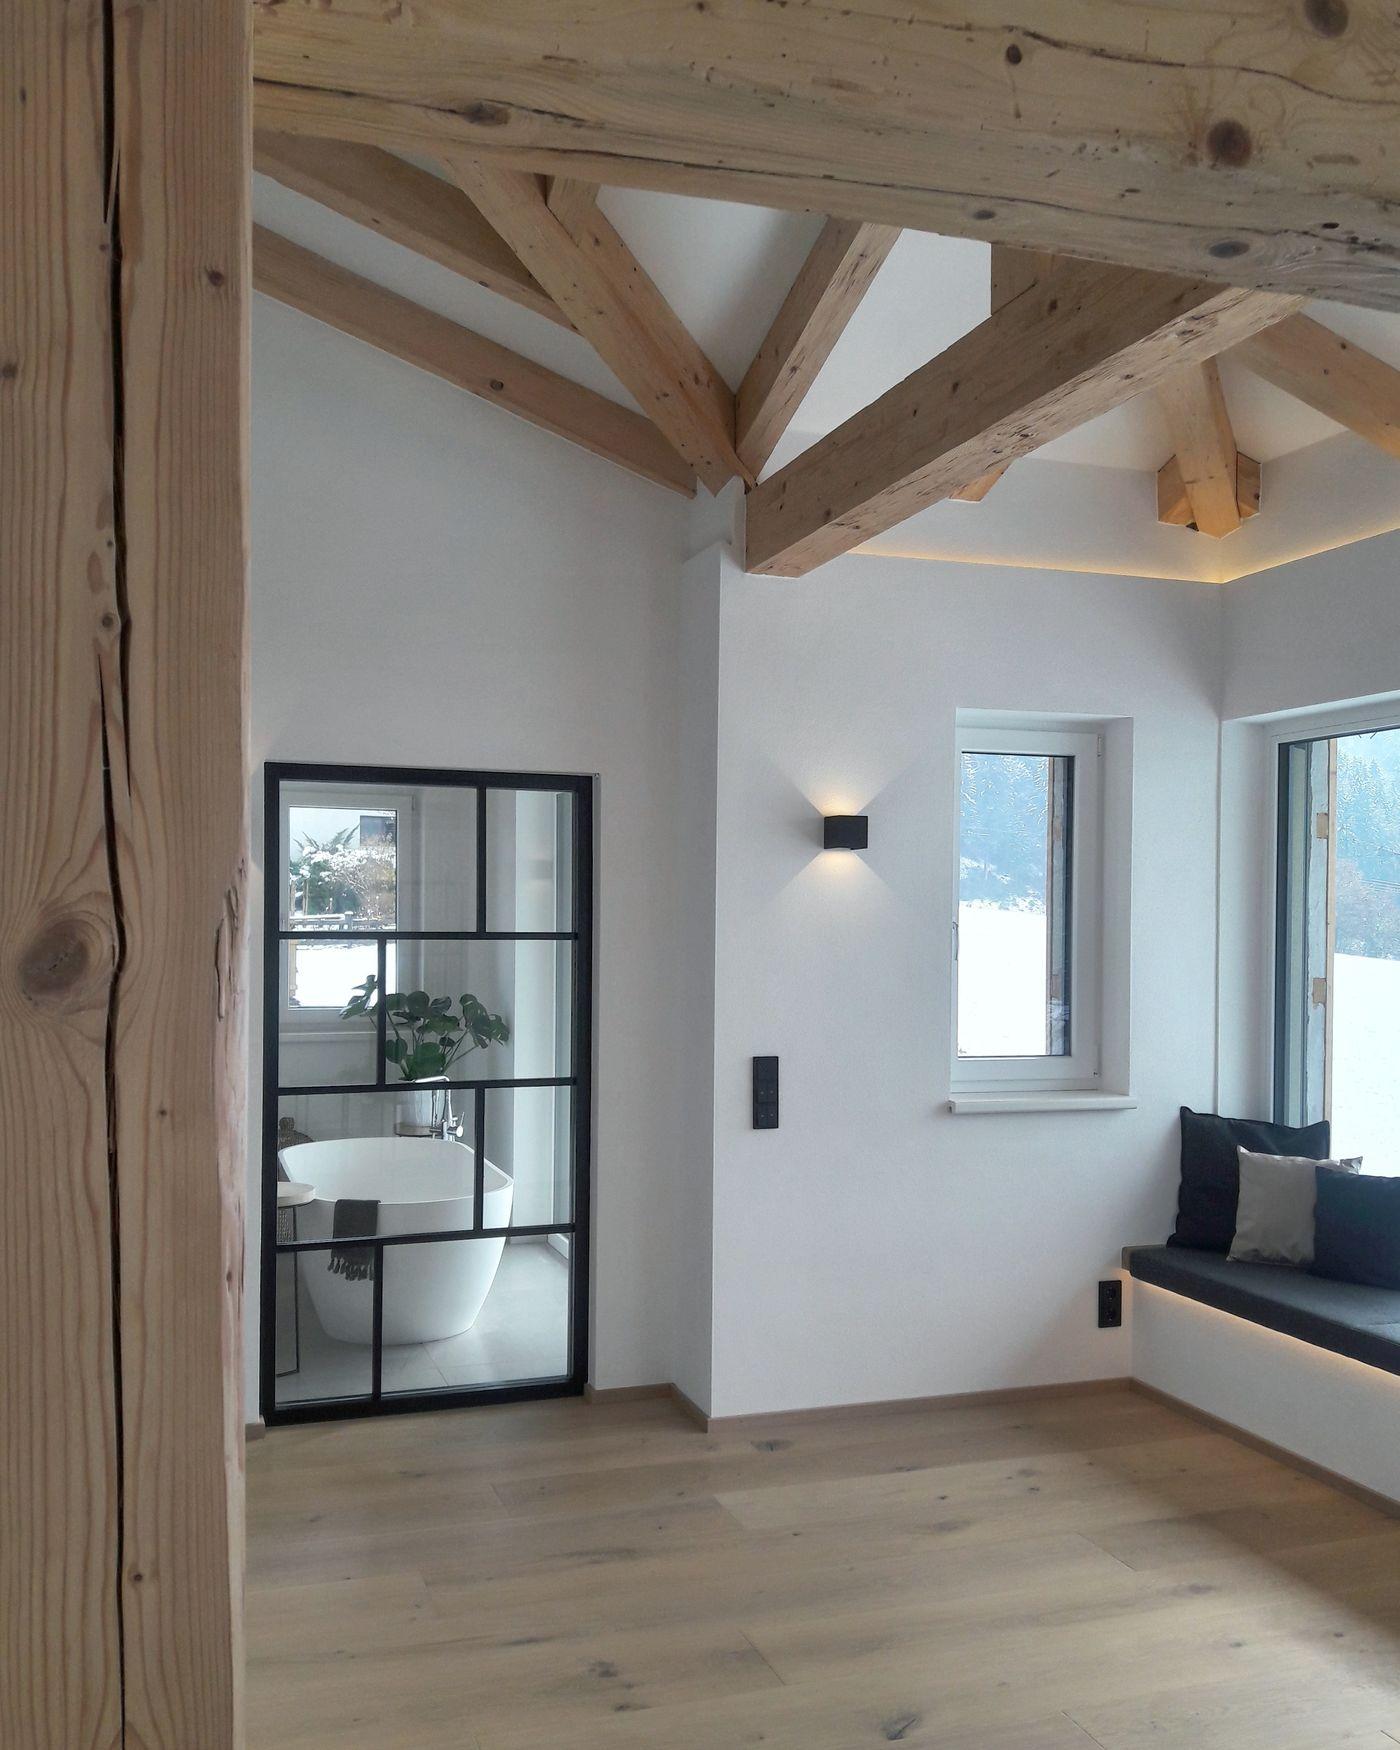 Indirekte Beleuchtung Holz Free Moderne In Wei Und Holz: Beleuchtung Sichtdachstuhl